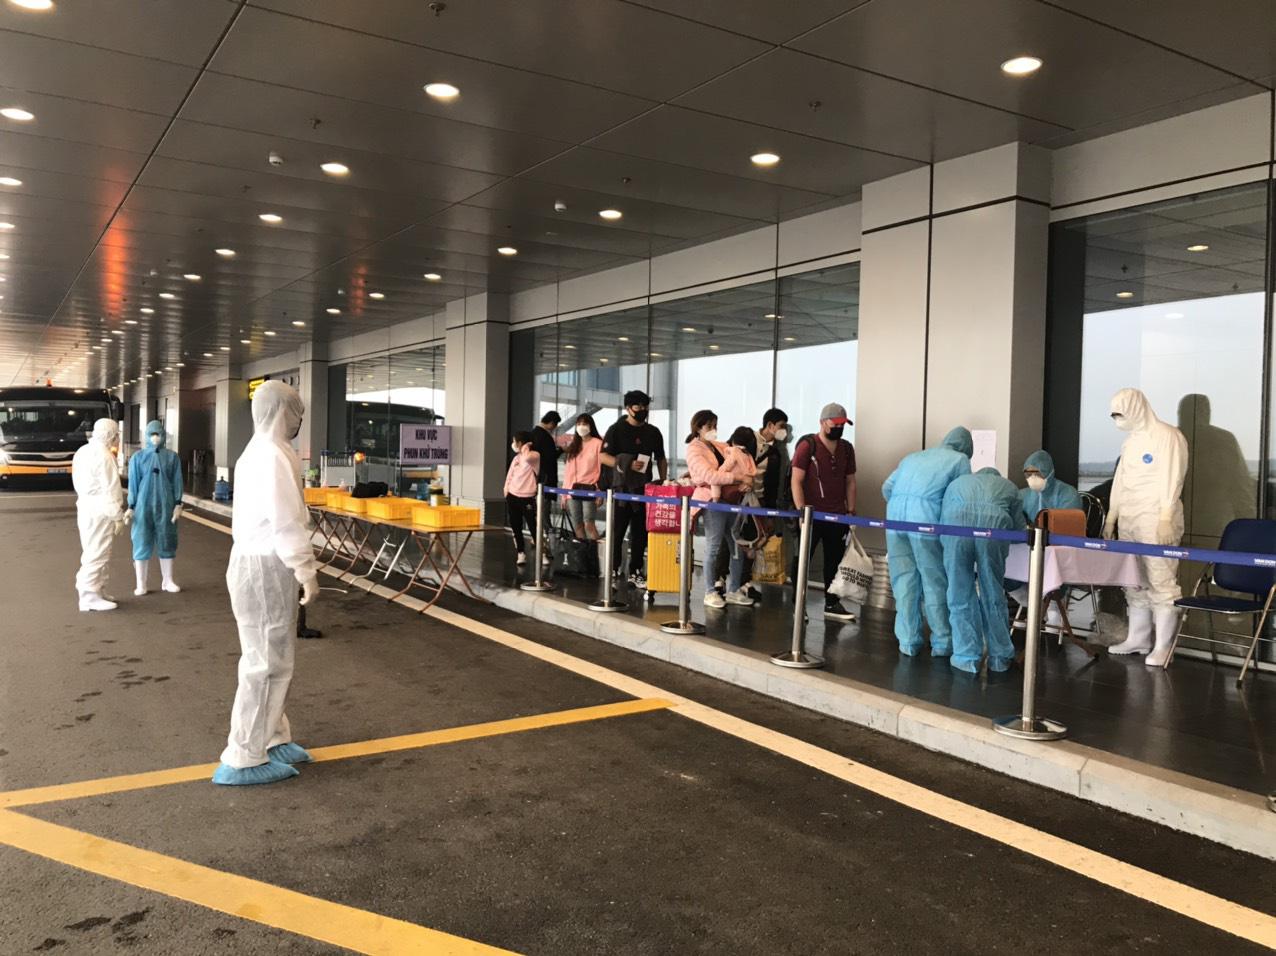 [Hình ảnh] Sân bay Vân Đồn đón 369 hành khách về từ Hàn Quốc - Ảnh 6.